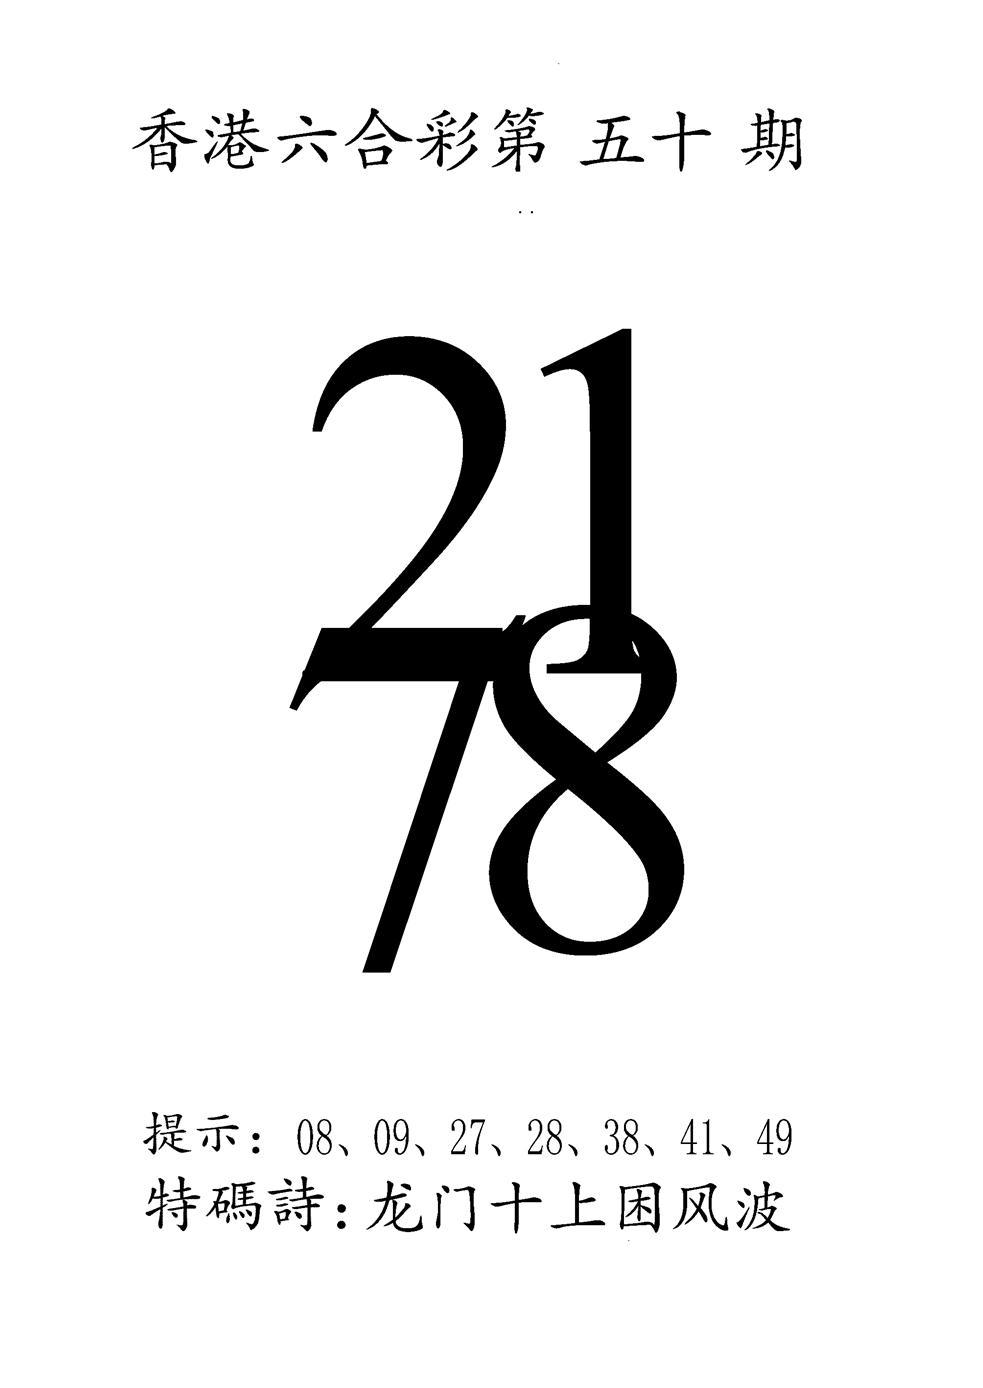 050期澳门三合王B(黑白)